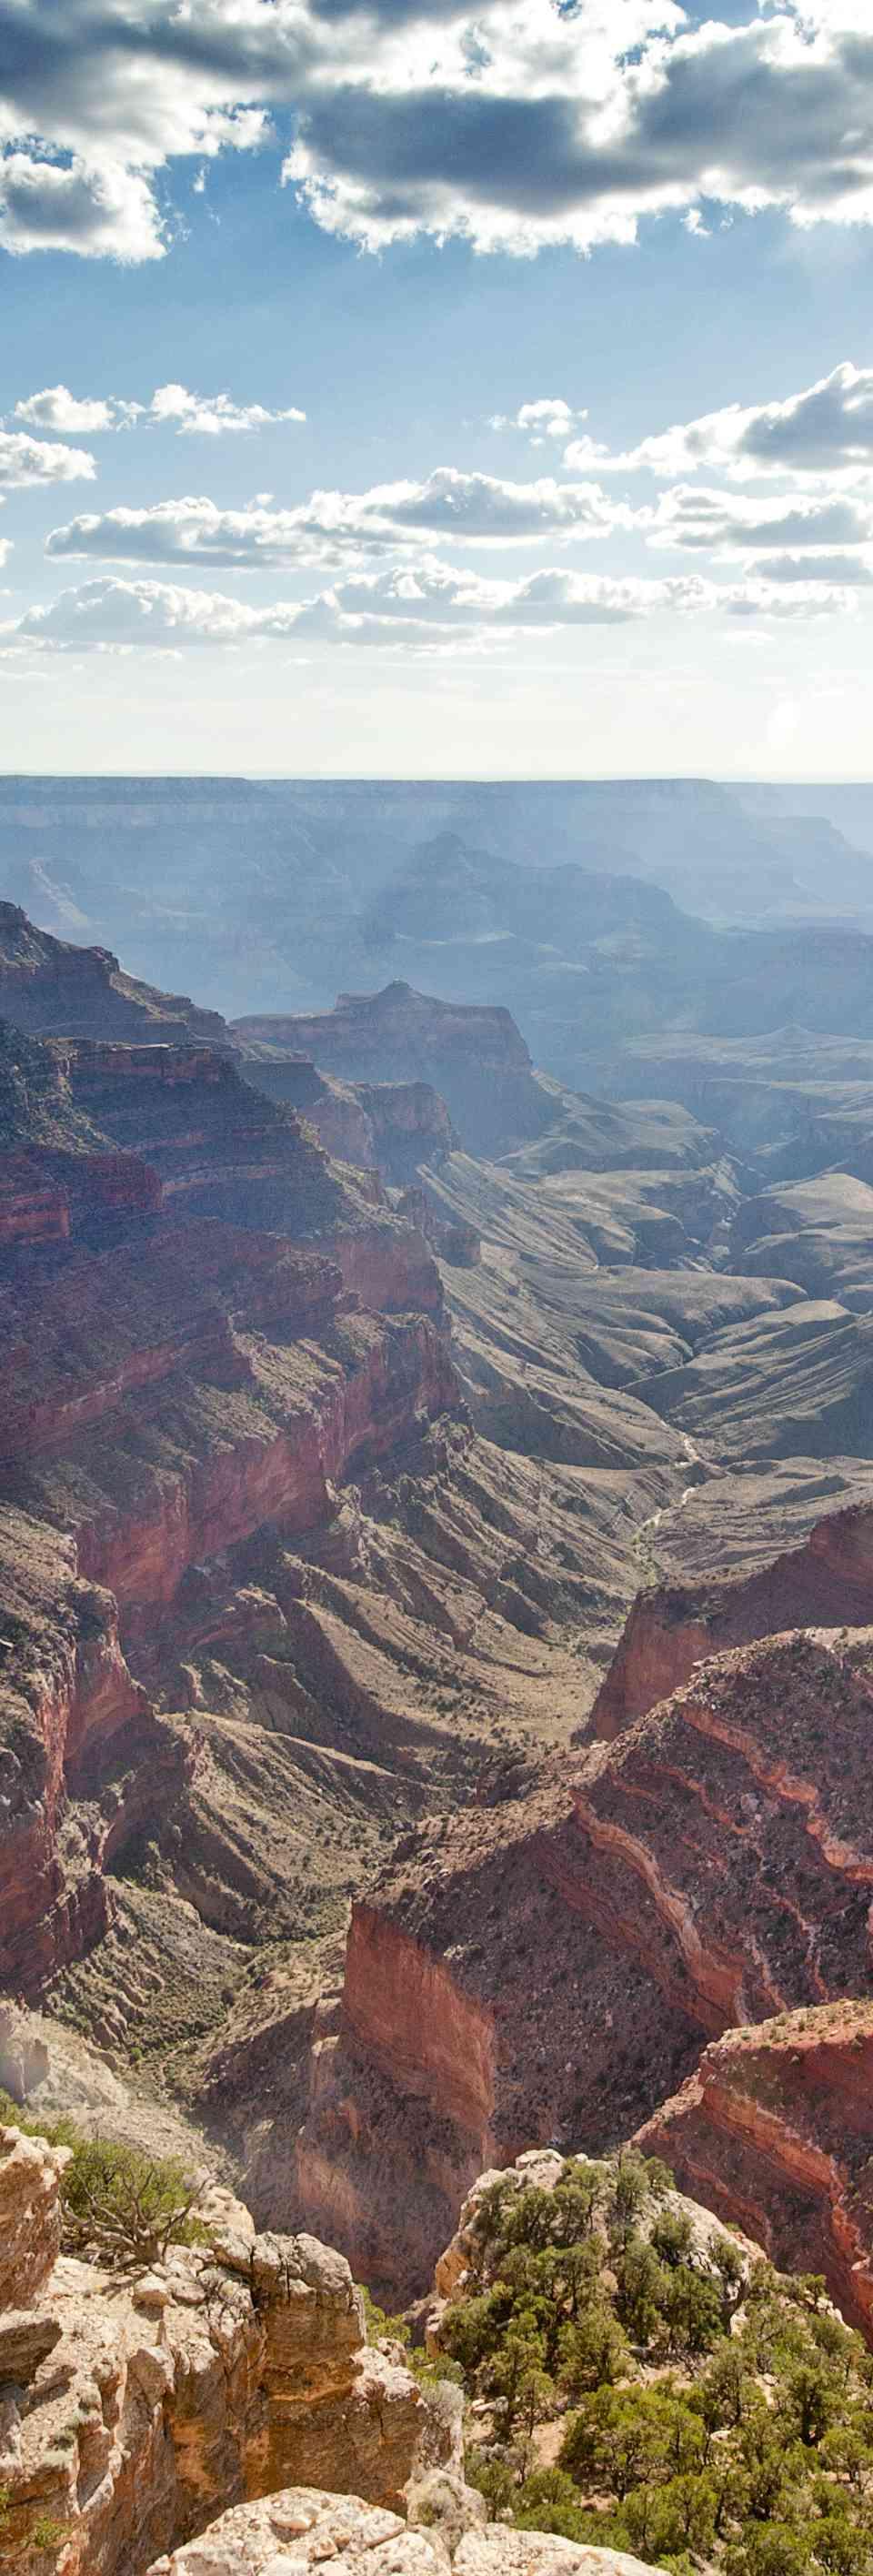 Grand Canyon (North Rim) - Cape Royal